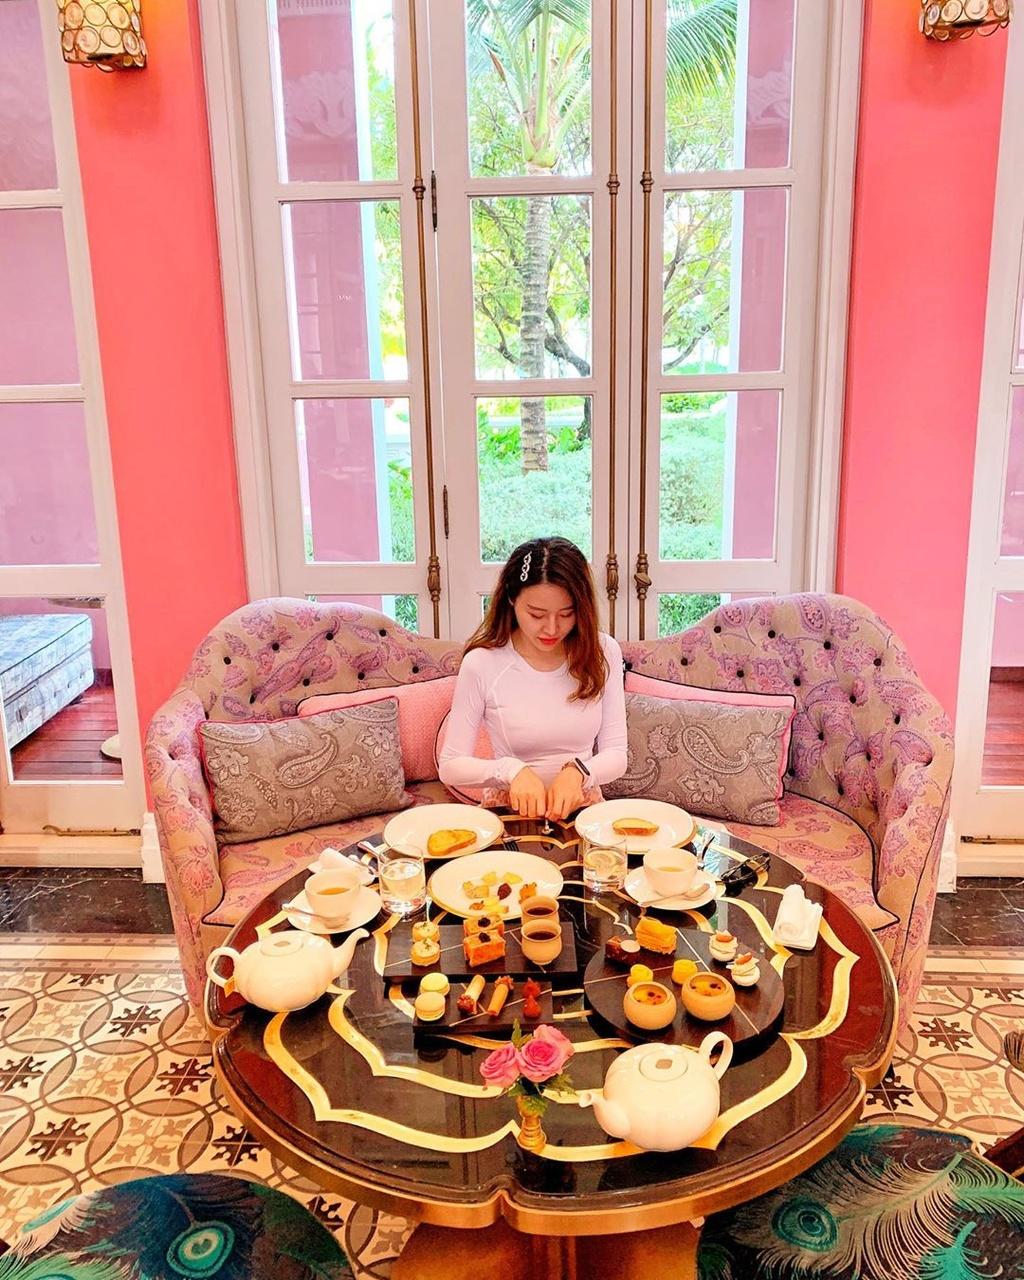 4 nha hang view dep khong the bo qua o Phu Quoc hinh anh 11 ww33338888_.jpg  - ww33338888_ - 4 nhà hàng view đẹp không thể bỏ qua ở Phú Quốc